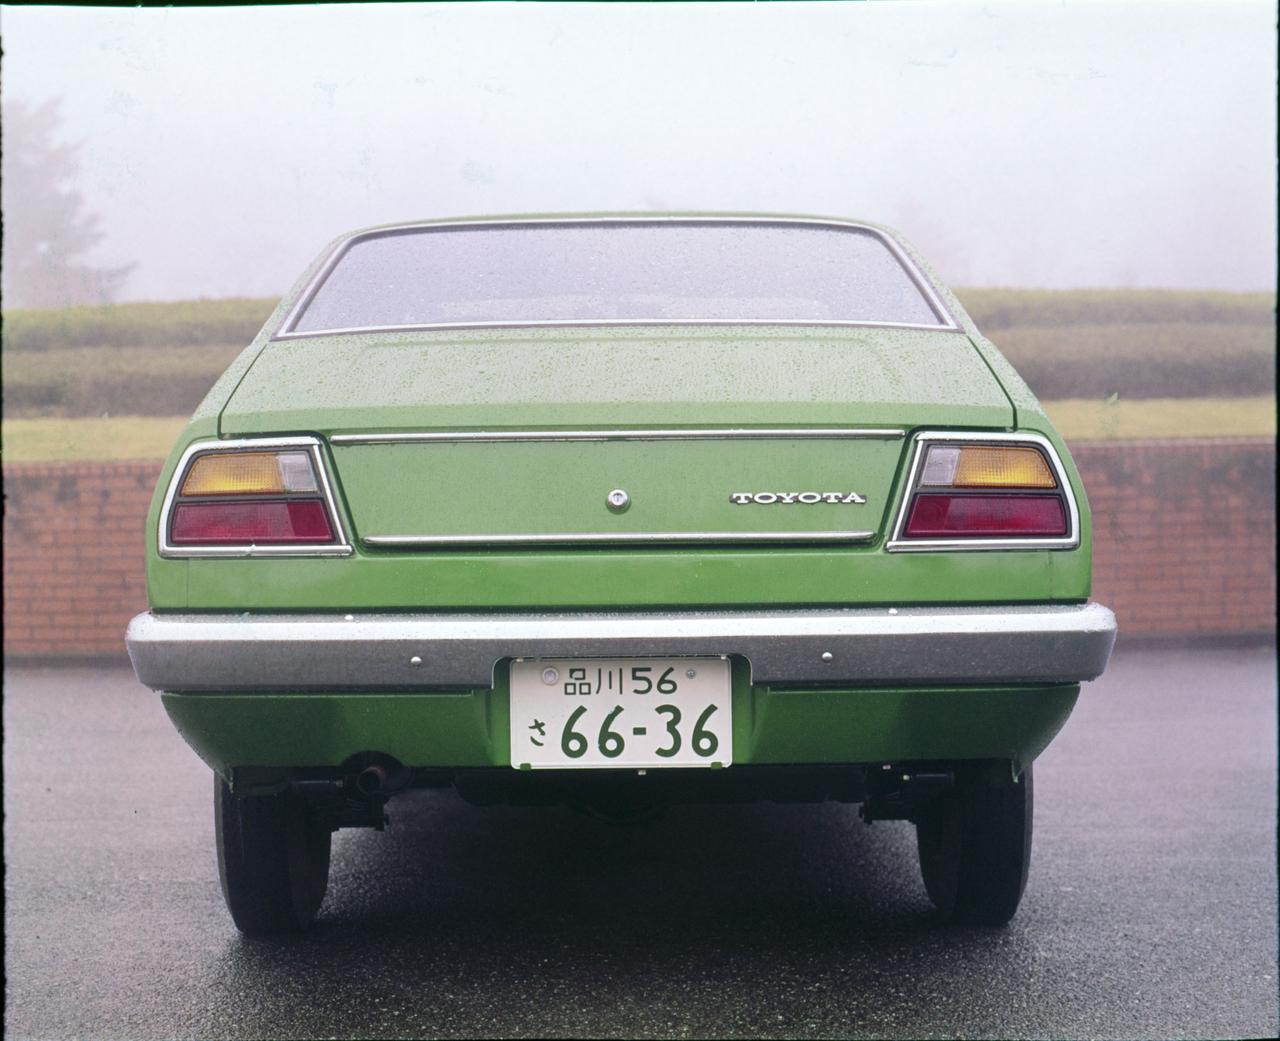 Images : 11番目の画像 - 「【今日は何の日?】初代パブリカスターレット発売「初代スターレットはクーペスタイルだった」46年前 1973年4月11日」のアルバム - Webモーターマガジン